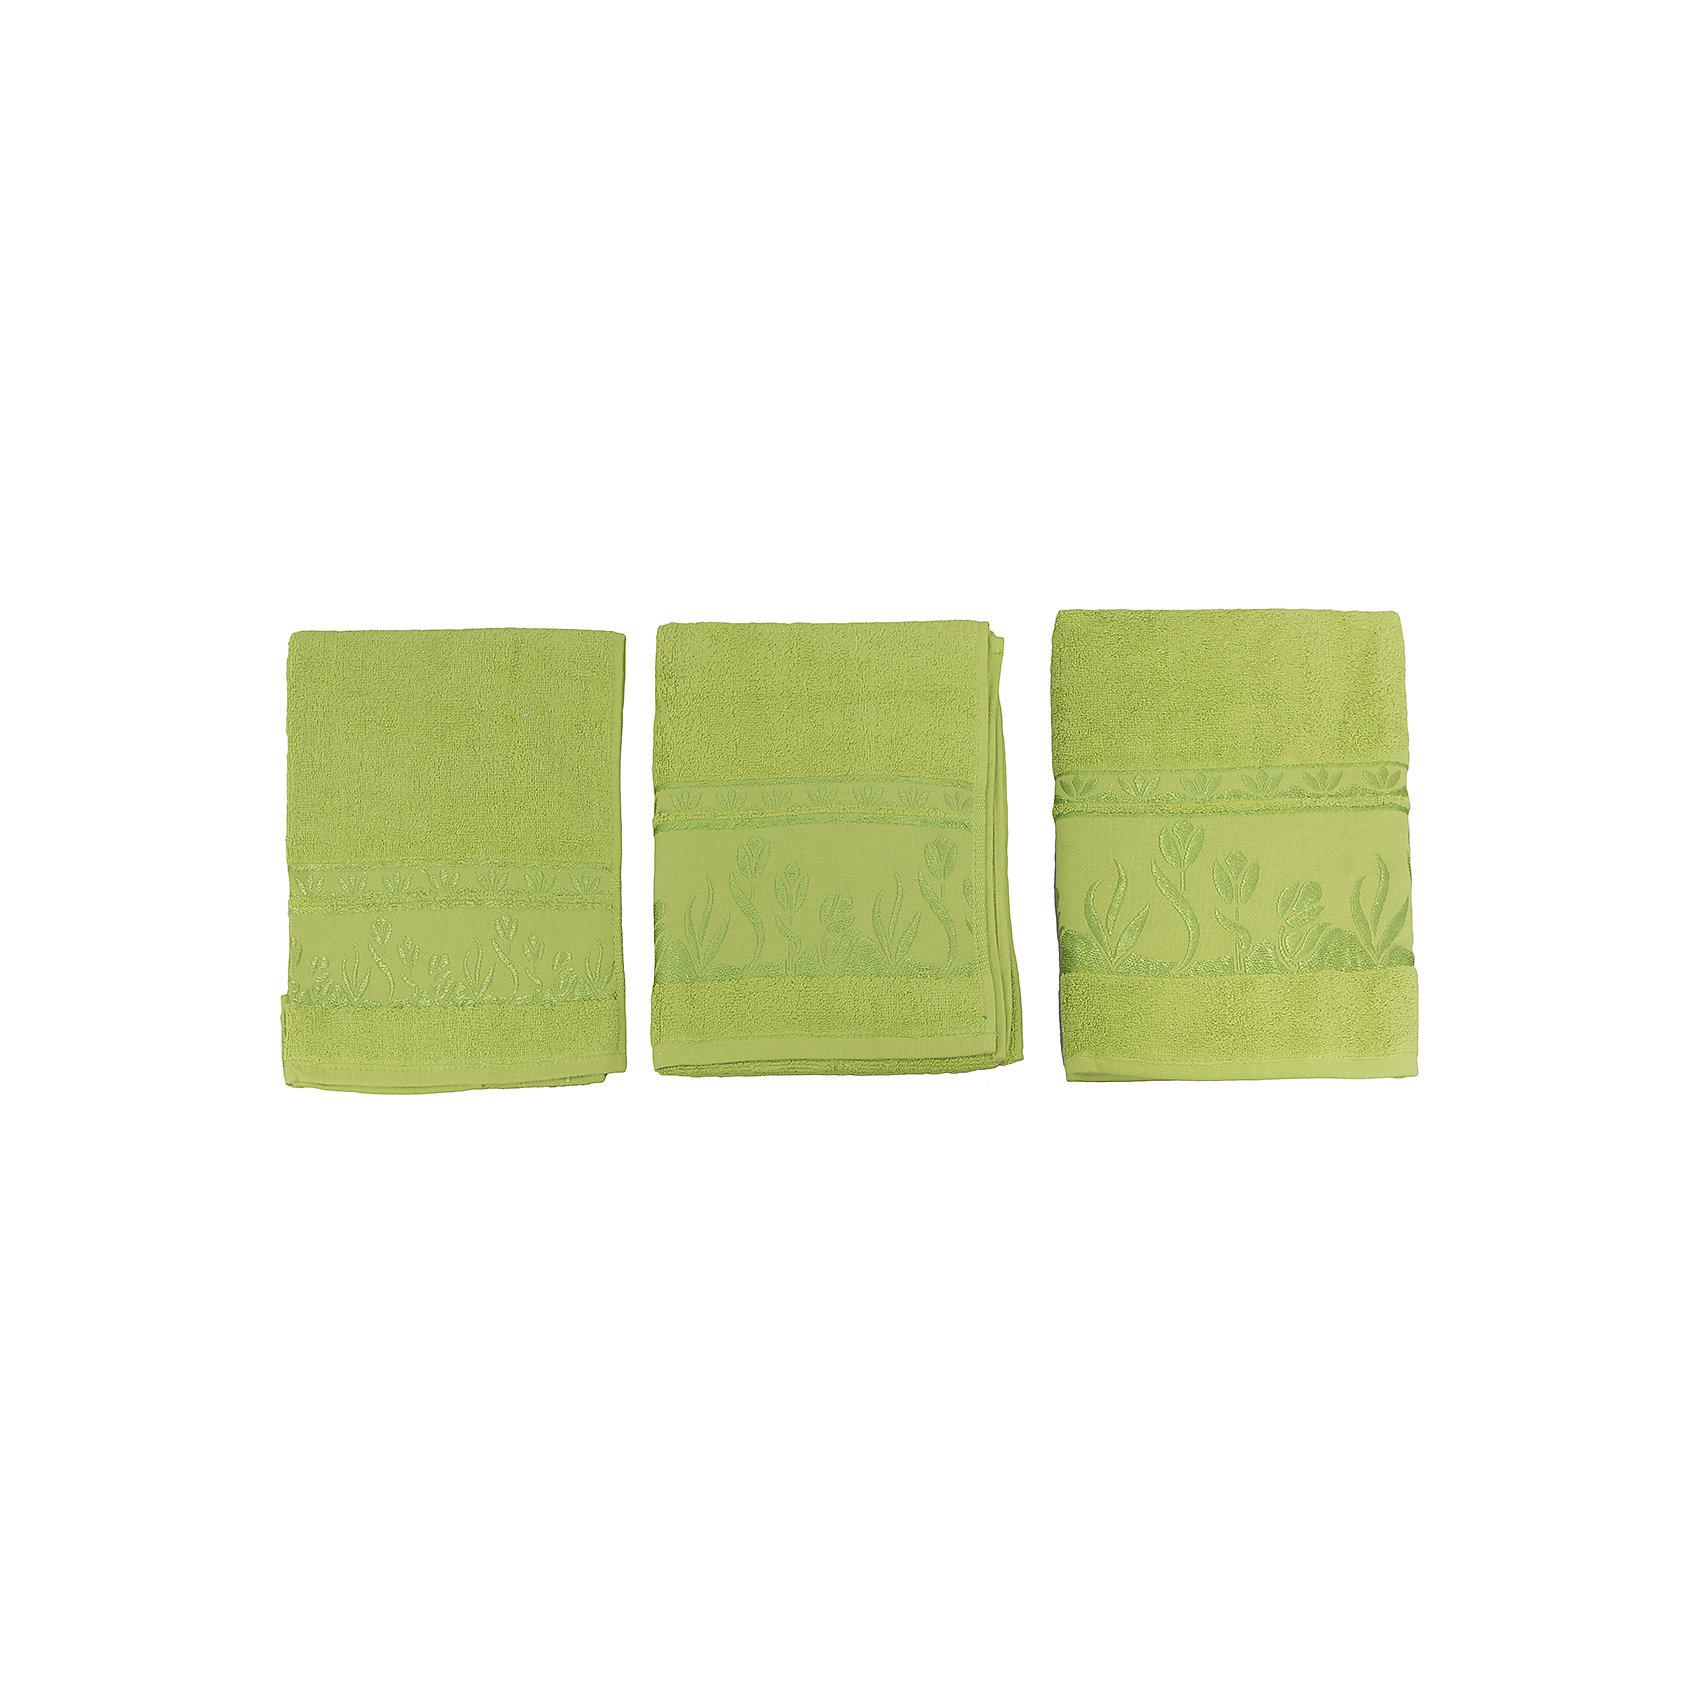 Комплект из 3 махровых полотенец Tulips, Португалия, зеленыйКомплект махровых полотенец Tulips идеально подойдет для всей семьи. В комплект входят 3 полотенца разных размеров. Все изделия очень мягкие, изготовлены из качественного хлопка и очень приятны телу. Украшены красивым орнаментом по краю. Отличный вариант для вашей ванной комнаты!<br><br>Дополнительная информация:<br>Материал: 100% хлопок<br>Цвет: зеленый<br>Размеры: 40х75; 50х100; 70х140 см<br>Торговая марка: Португалия<br><br>Вы можете купить комплект из 3-х махровых полотенец Tulips в нашем интернет-магазине.<br><br>Ширина мм: 500<br>Глубина мм: 500<br>Высота мм: 200<br>Вес г: 700<br>Возраст от месяцев: 0<br>Возраст до месяцев: 144<br>Пол: Унисекс<br>Возраст: Детский<br>SKU: 5010908